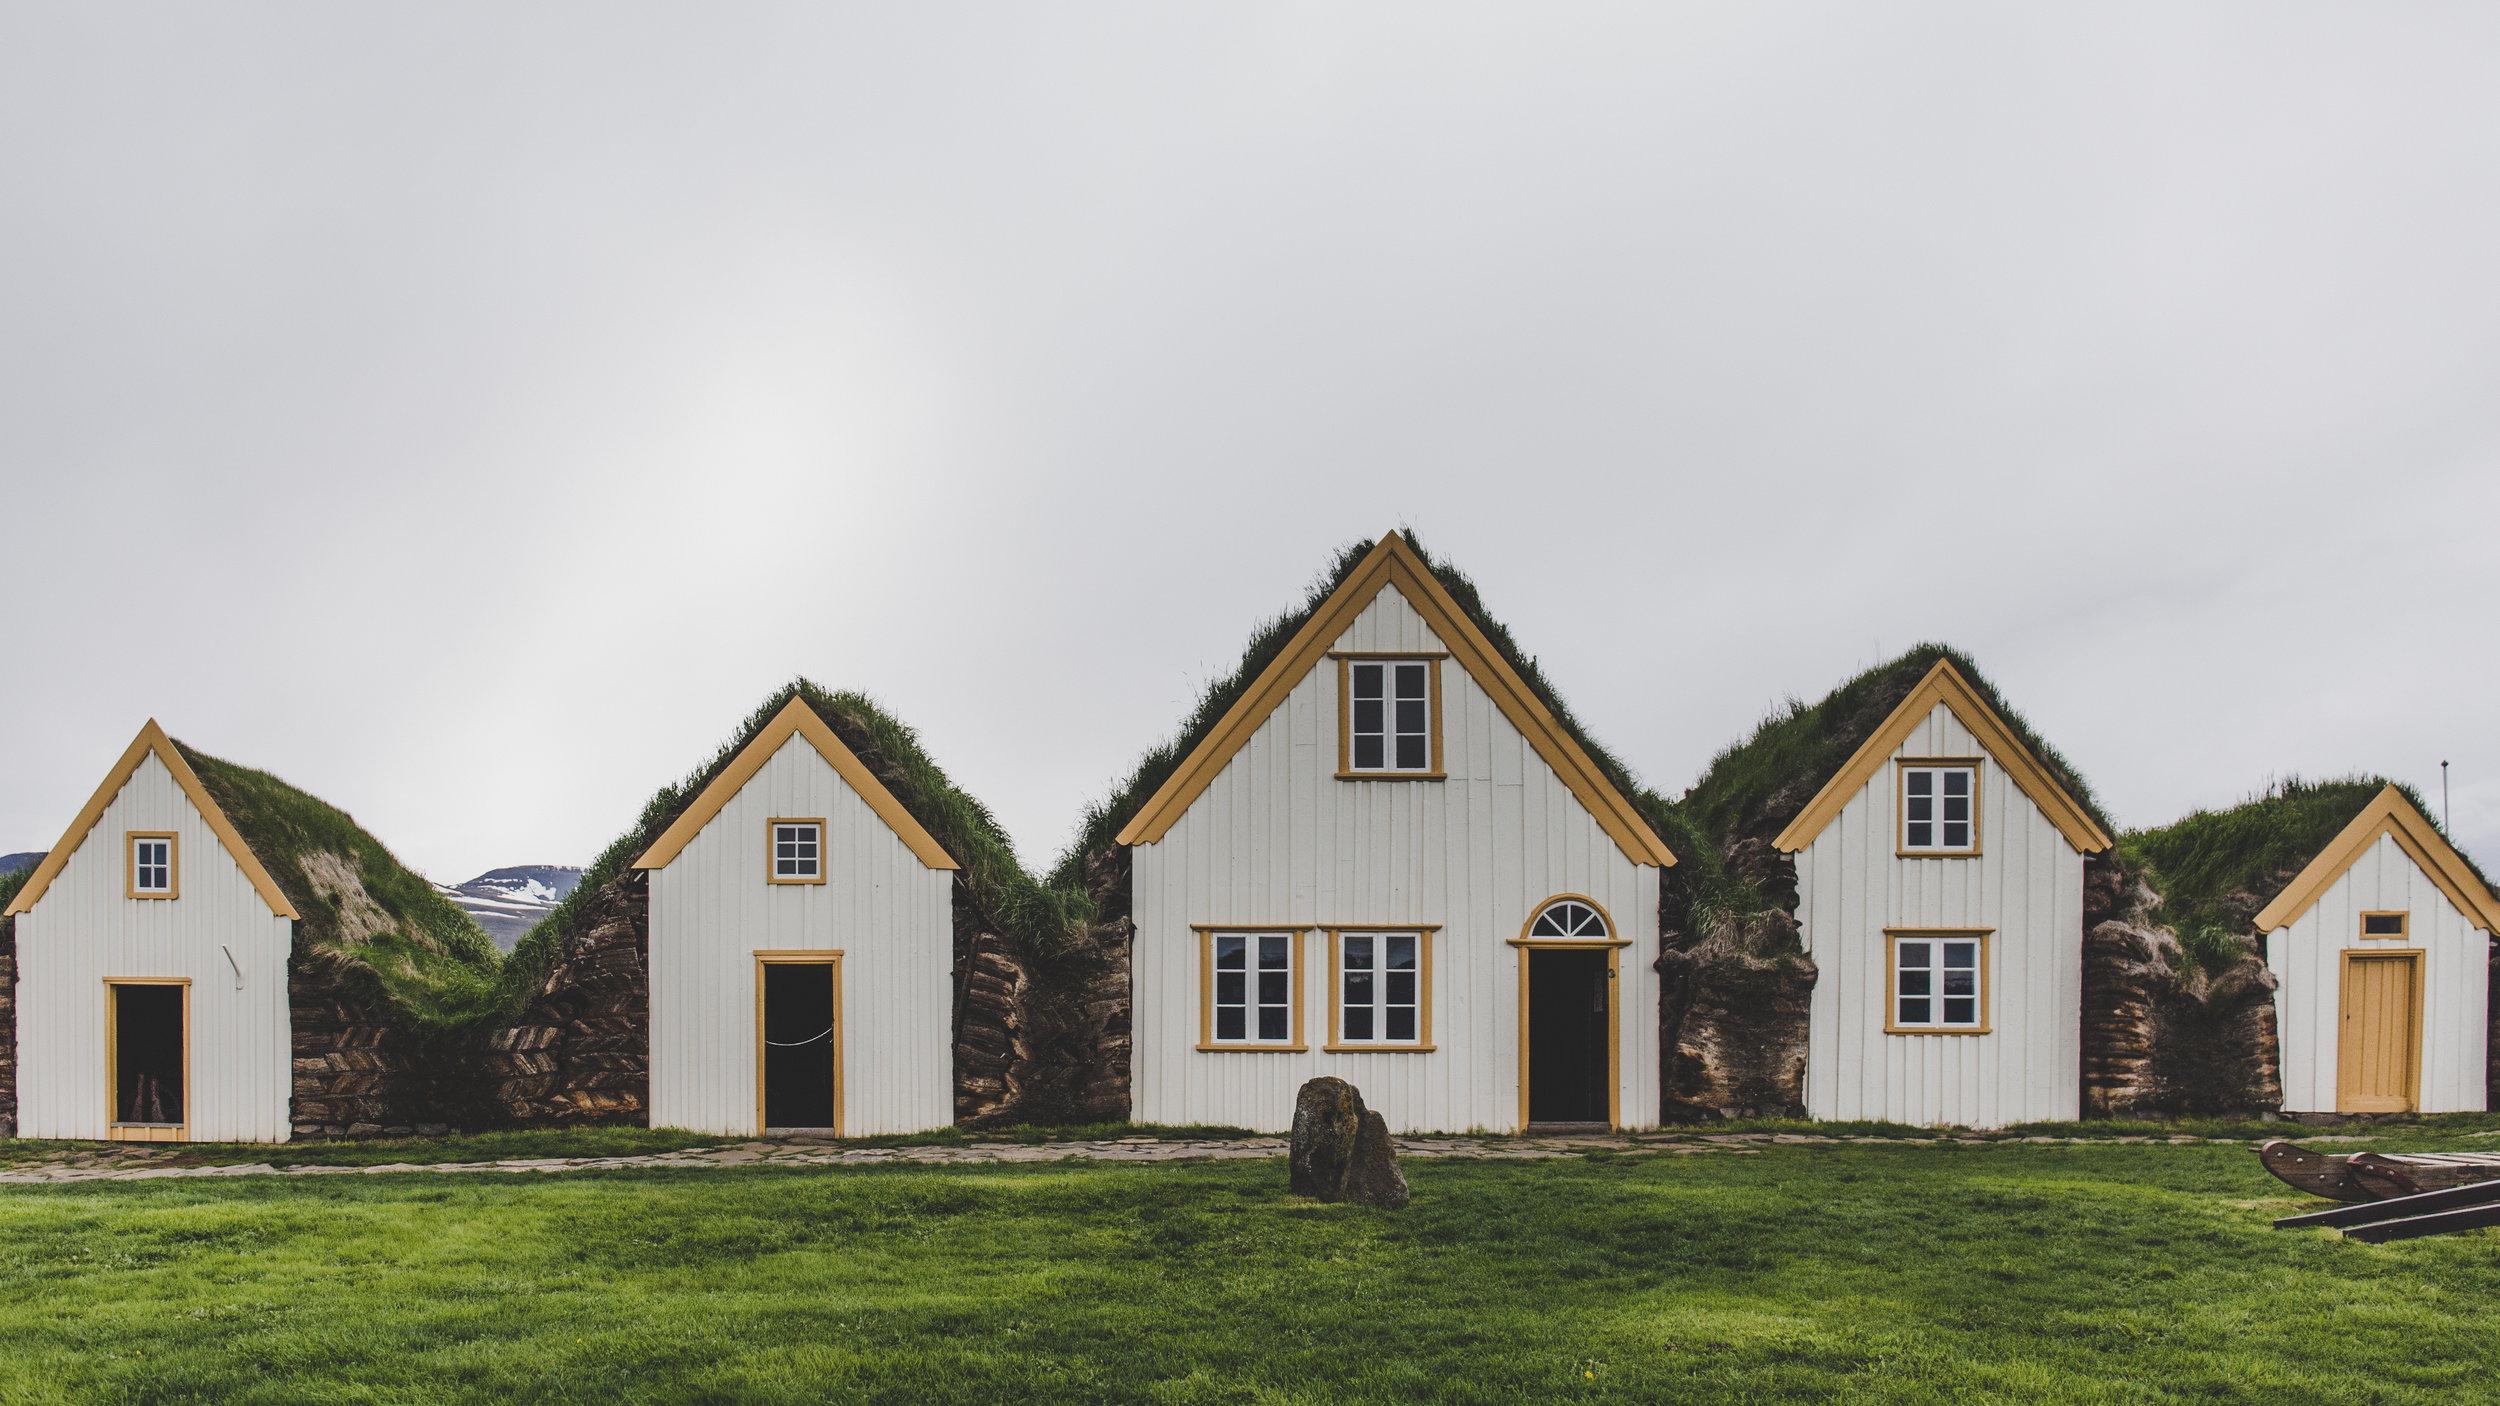 Turf houses,Glaumbær